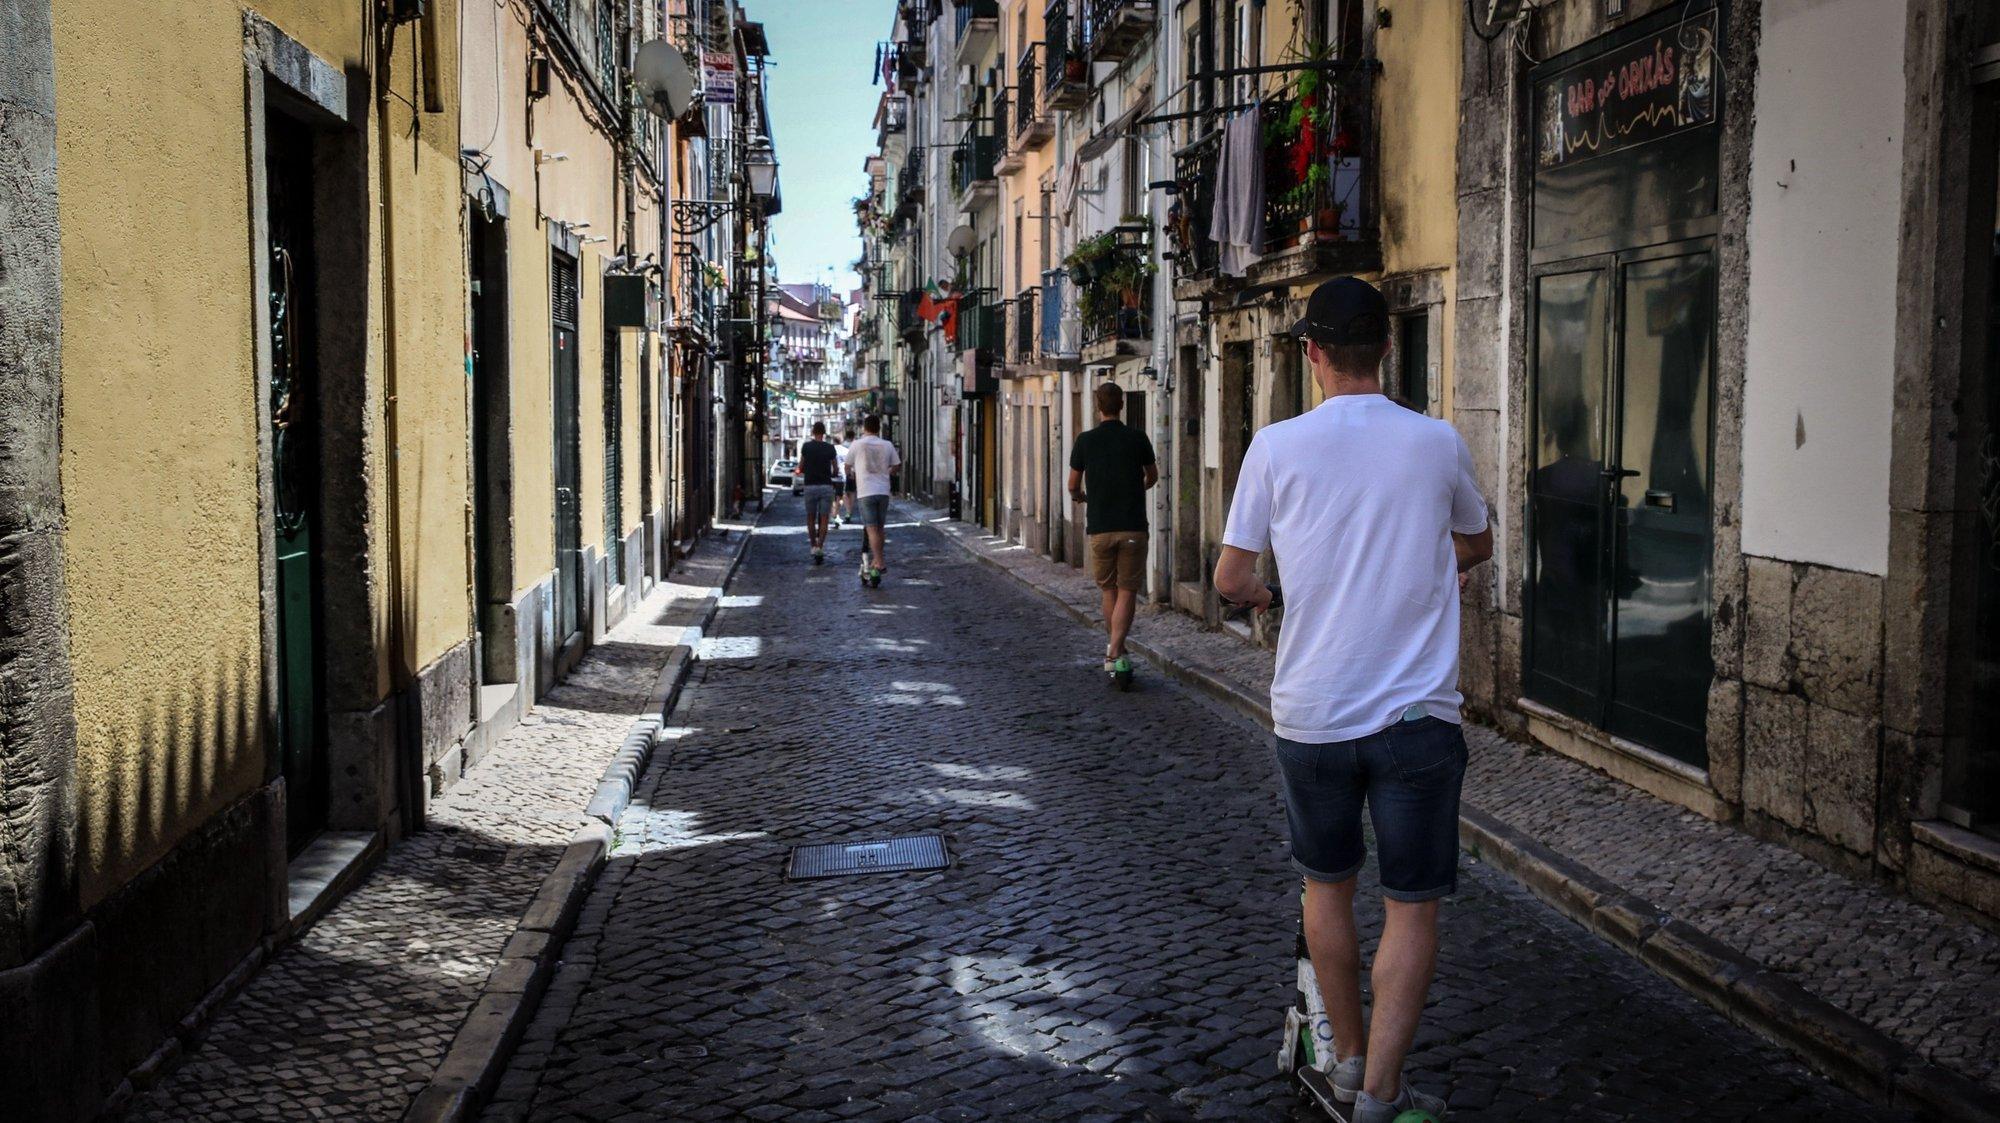 Reportagem no Bairro Alto sobre o fecho dos bares e impacto para os empresários, moradores e comércio local que continuam quase sem clientes na sequência da pandemia da covid-19, em Lisboa, 19 de junho de 2020. (ACOMPANHA TEXTO DE 20 DE JUNHO DE 2020). MANUEL DE ALMEIDA/LUSA